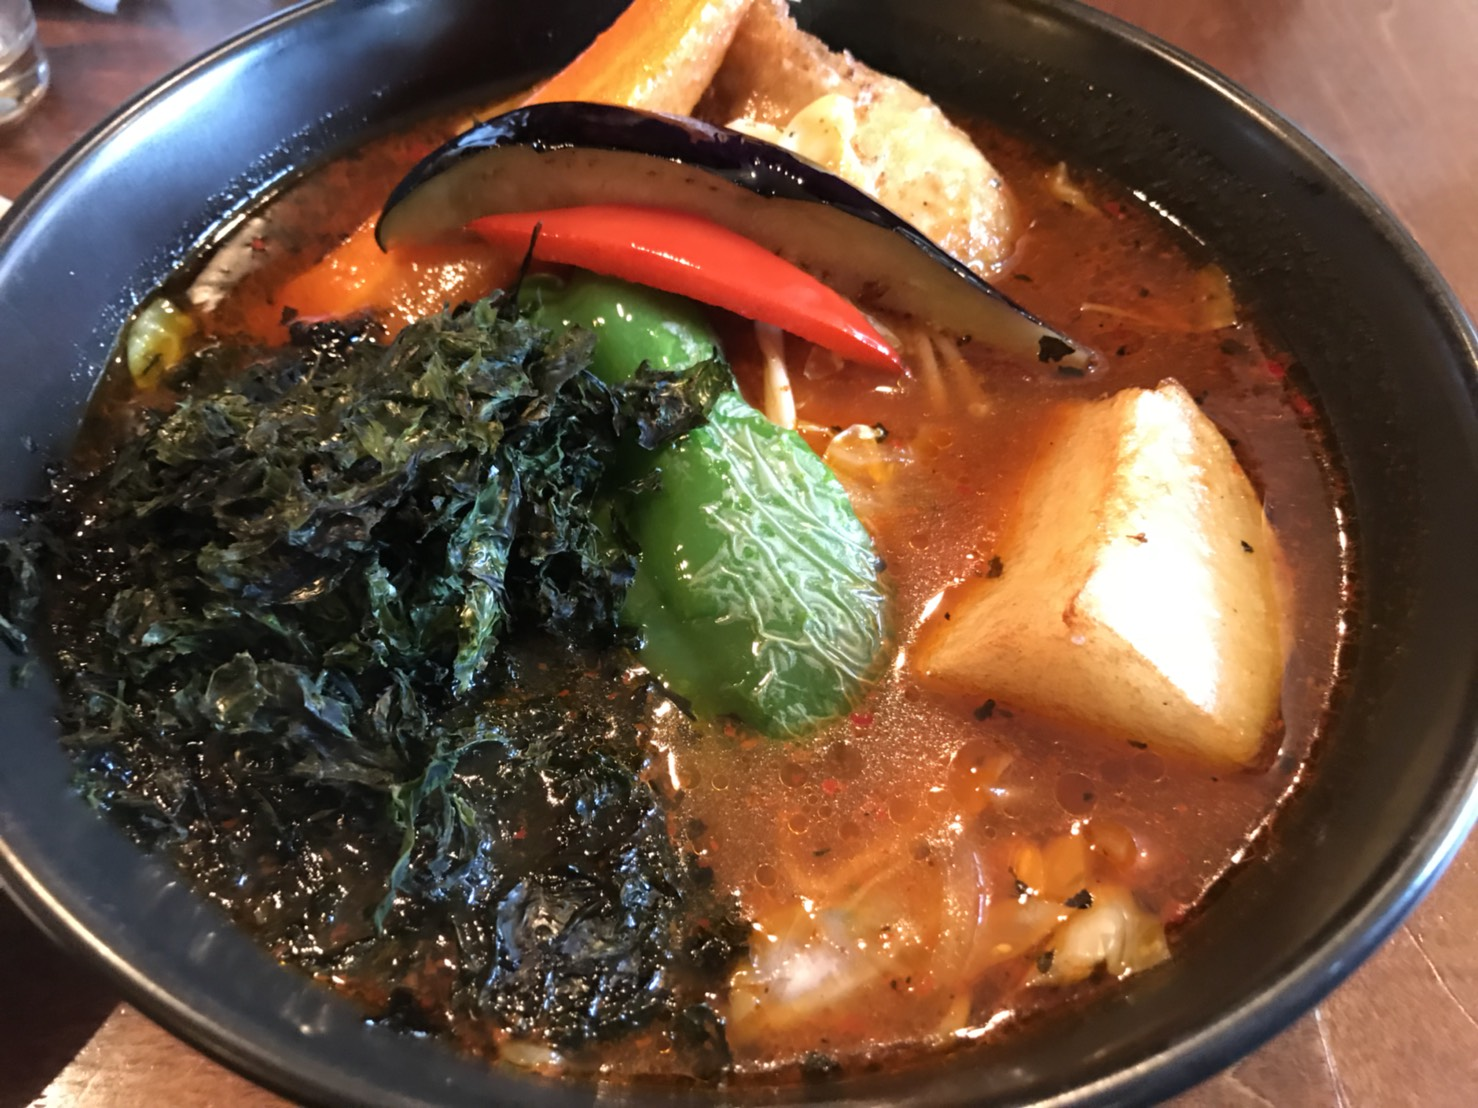 札幌のスープカレーを32店舗食べ歩いたのでおすすめのお店を紹介します。